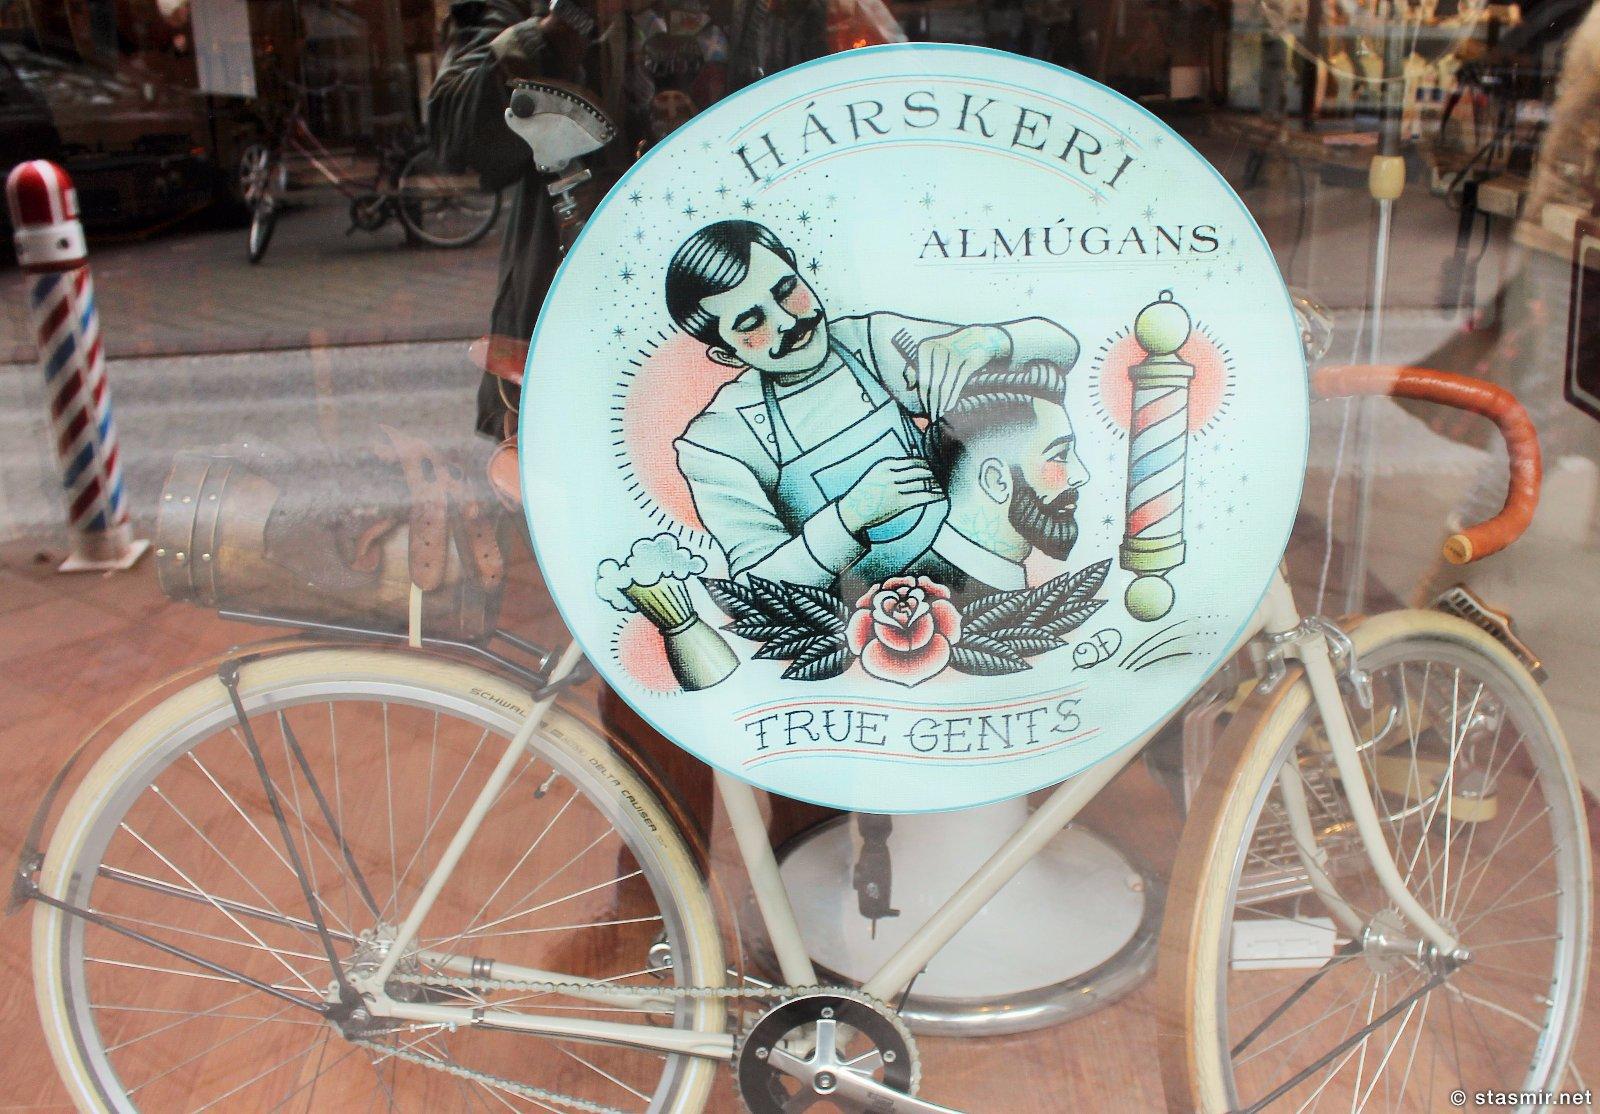 Hárskeri Almúgans, True Gents, парикмахерская в Рейкьявике, парикмахерская на главной улице Рейкьявика, брадобреи Исландии, фото Стасмир, Photo Stasmir